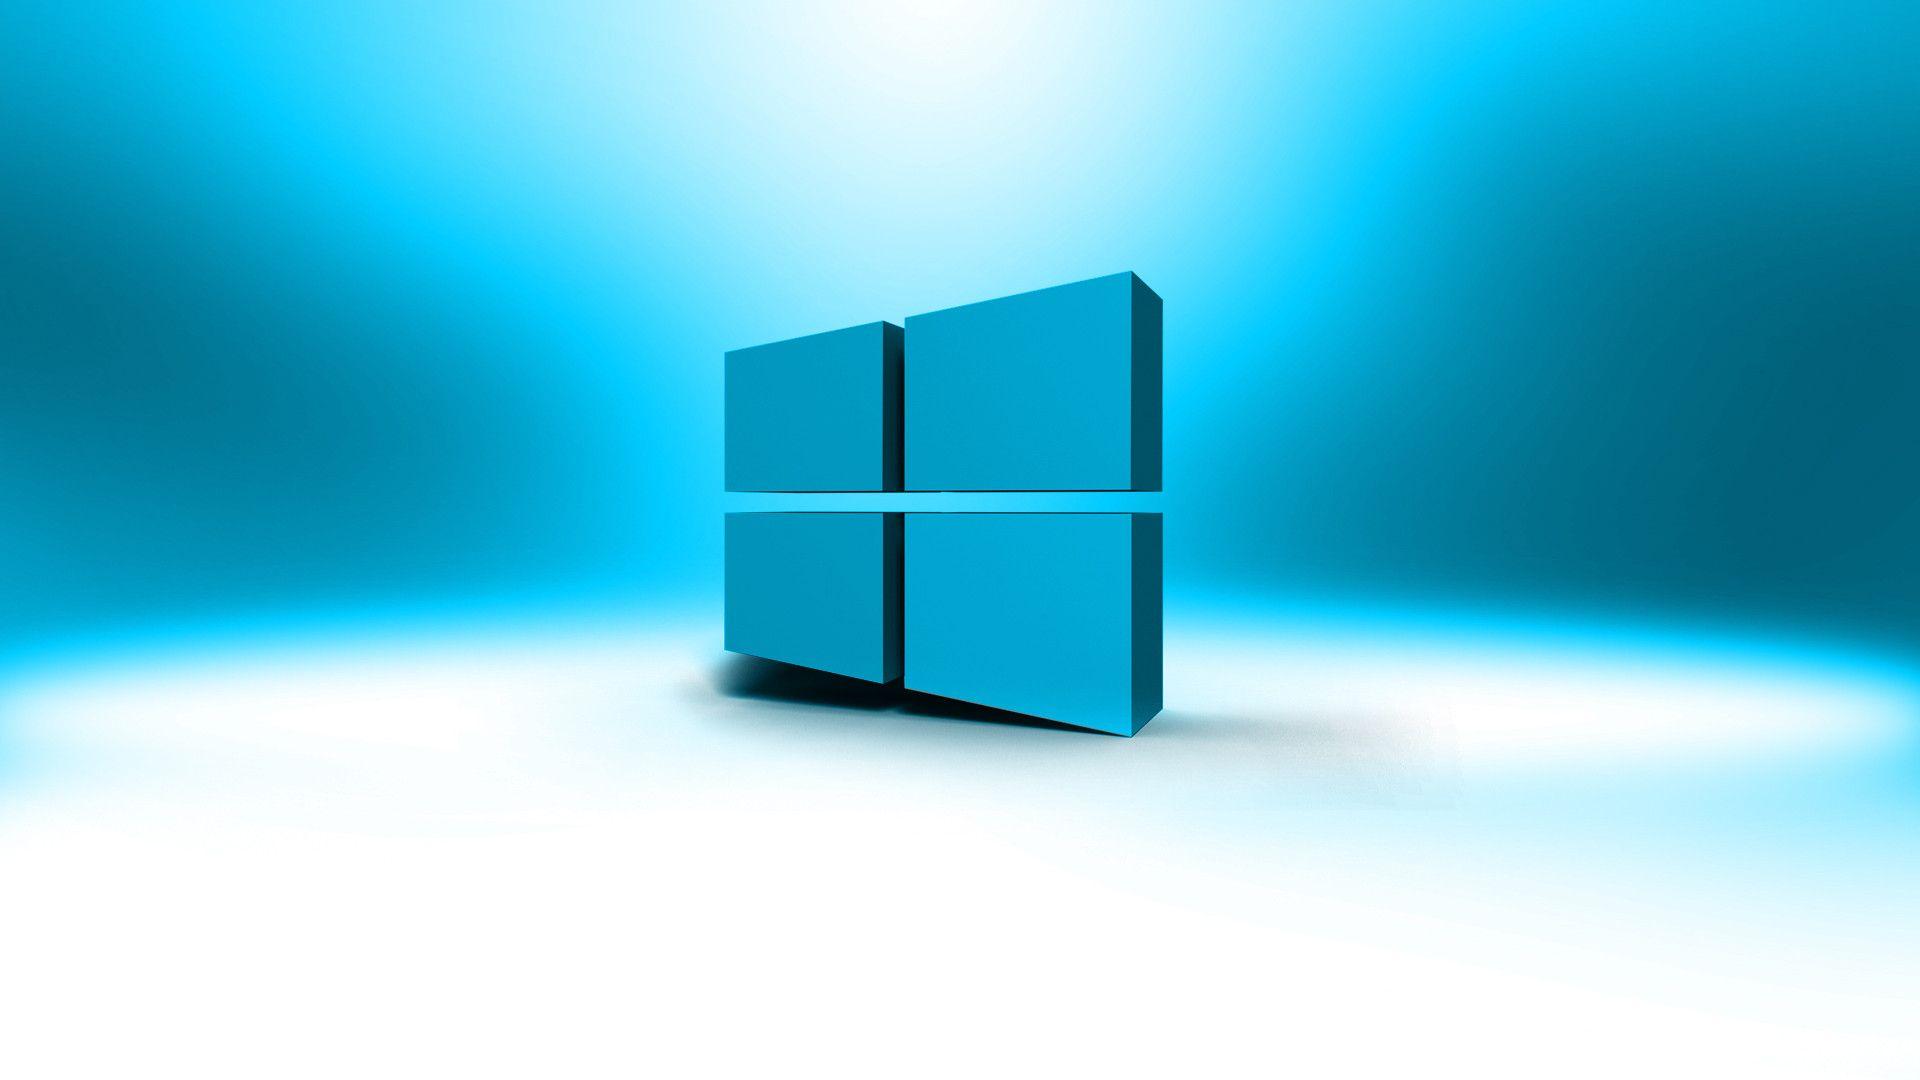 Windows 10 Change Desktop Clipart Size.